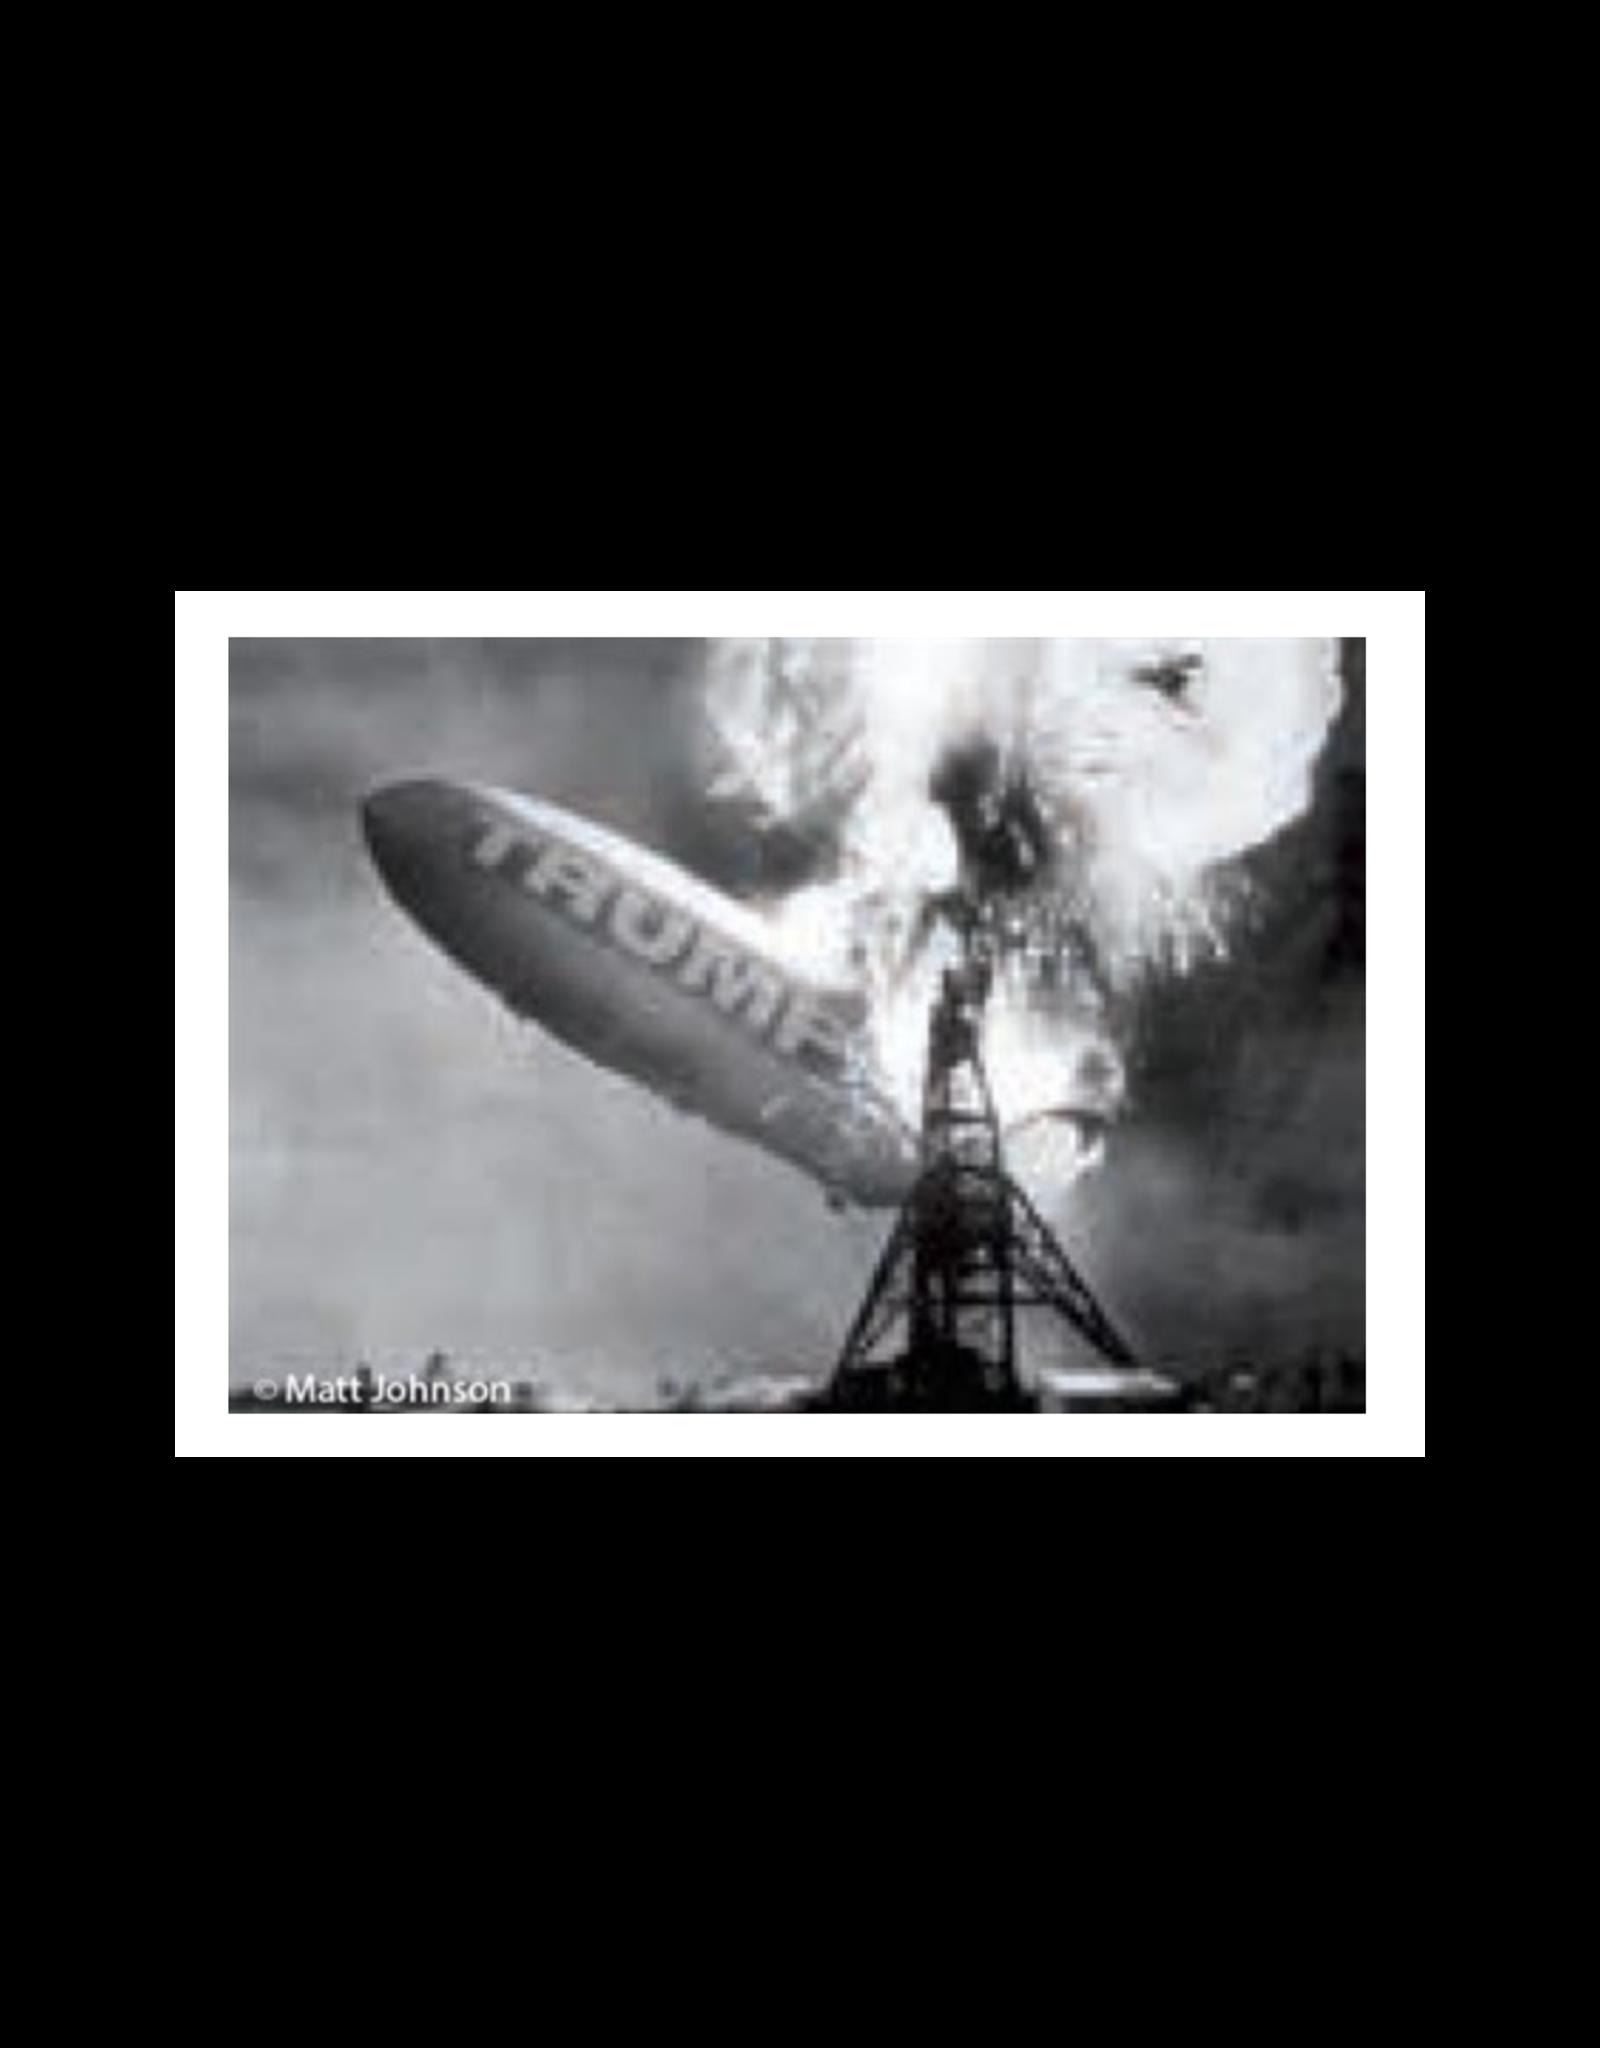 Trump Blimp Explosion Magnet